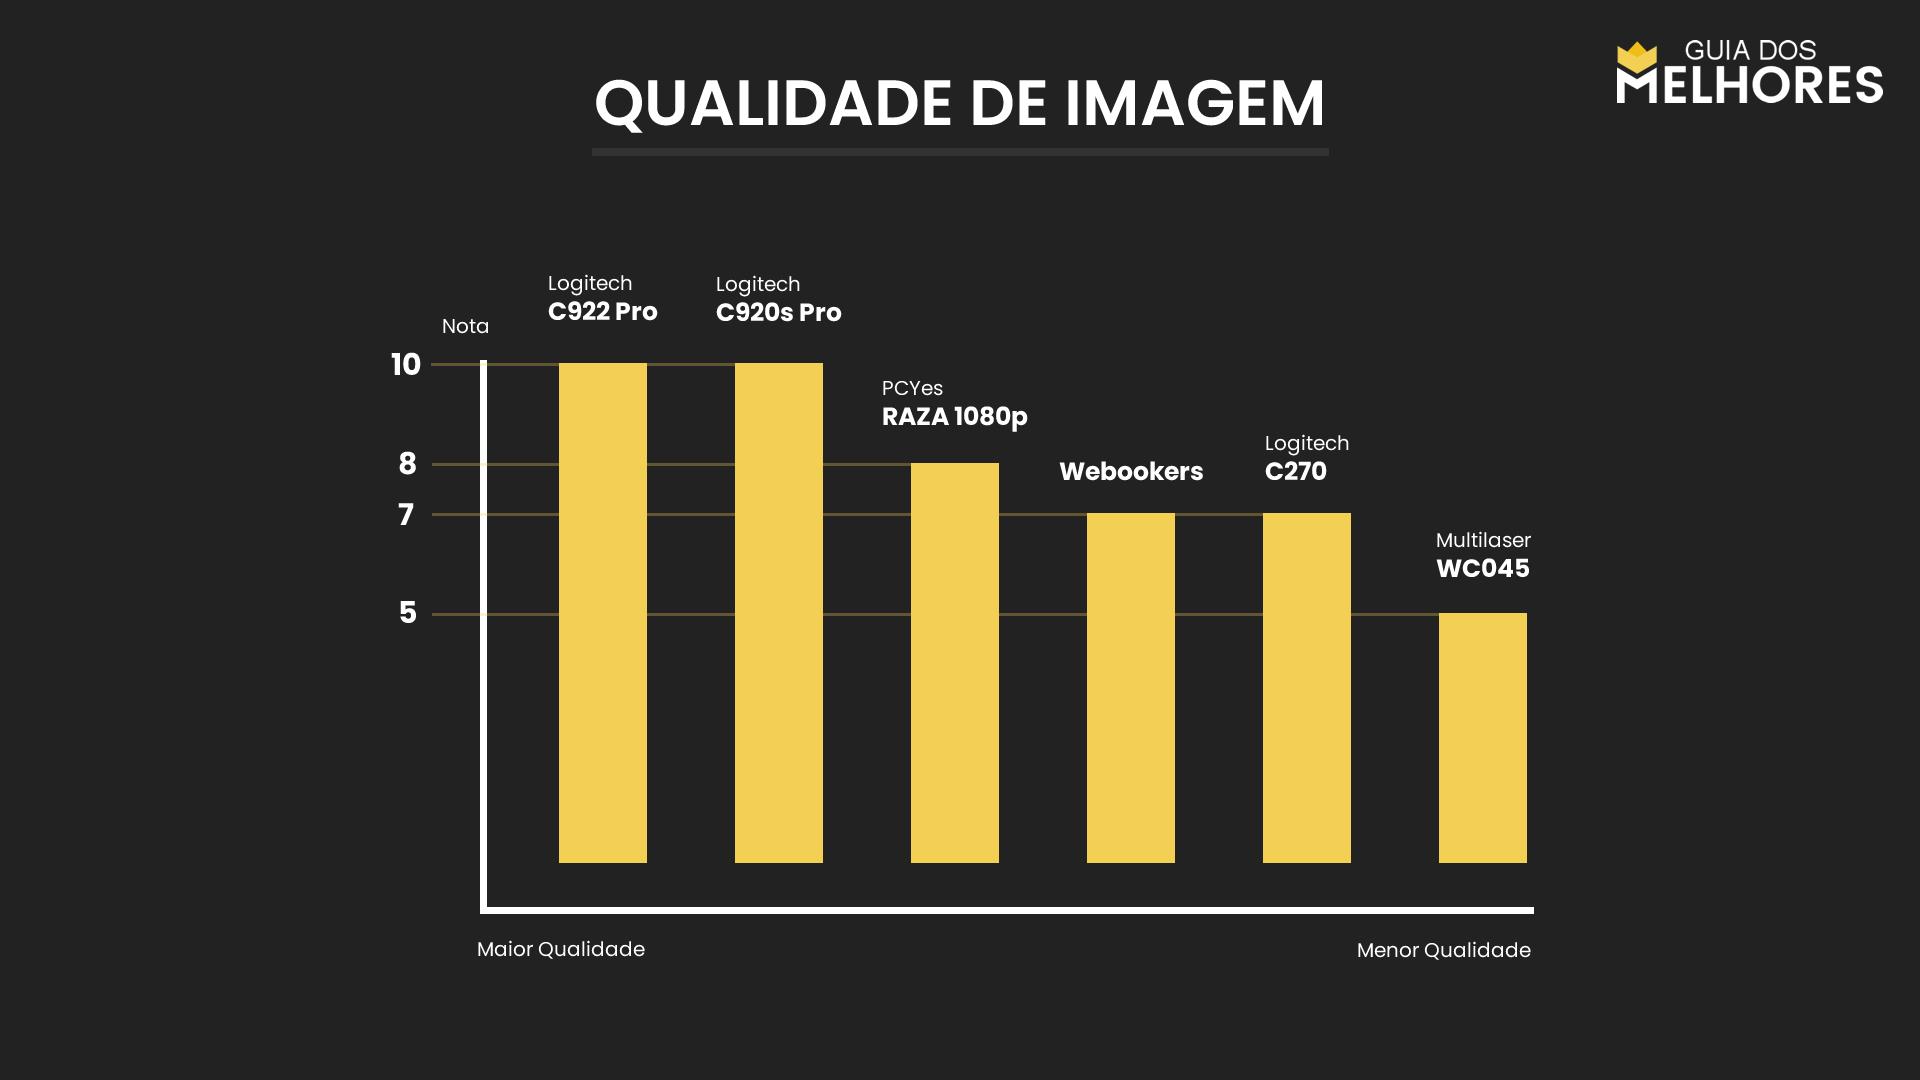 Webcams Qualidade de Imagem